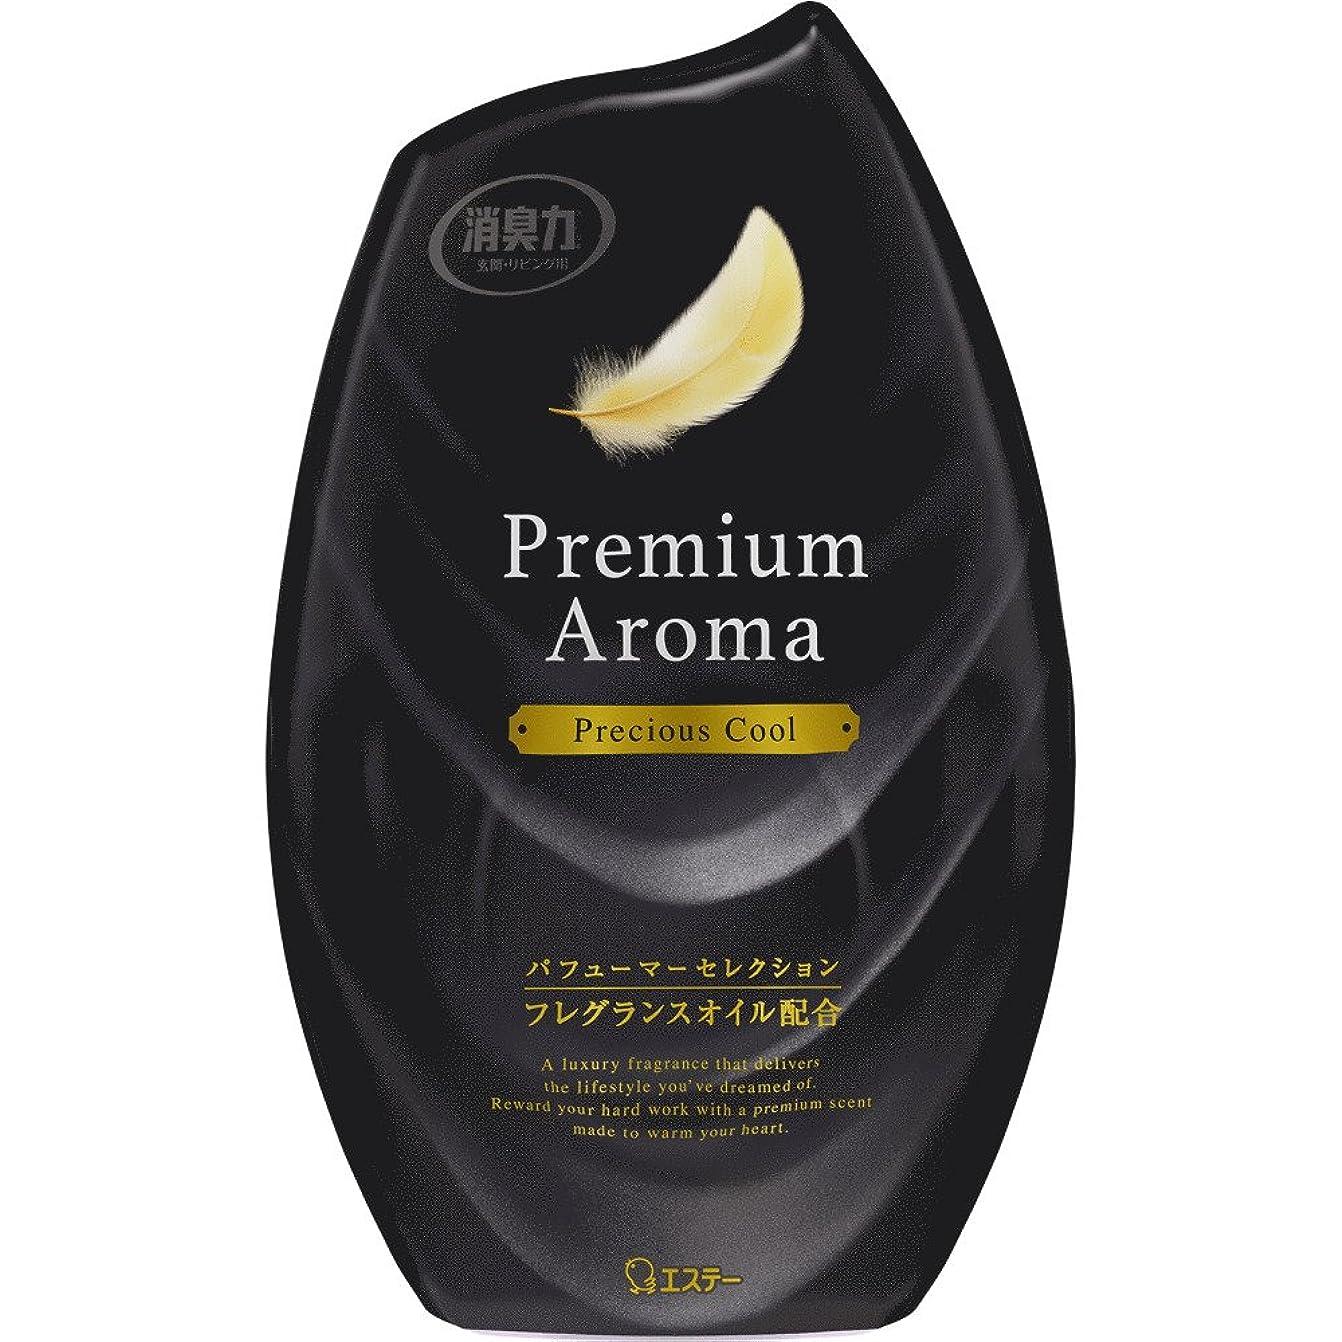 チョップ買い物に行くトライアスリートお部屋の消臭力 プレミアムアロマ Premium Aroma 消臭芳香剤 部屋用 部屋 プレシャスクールの香り 400ml